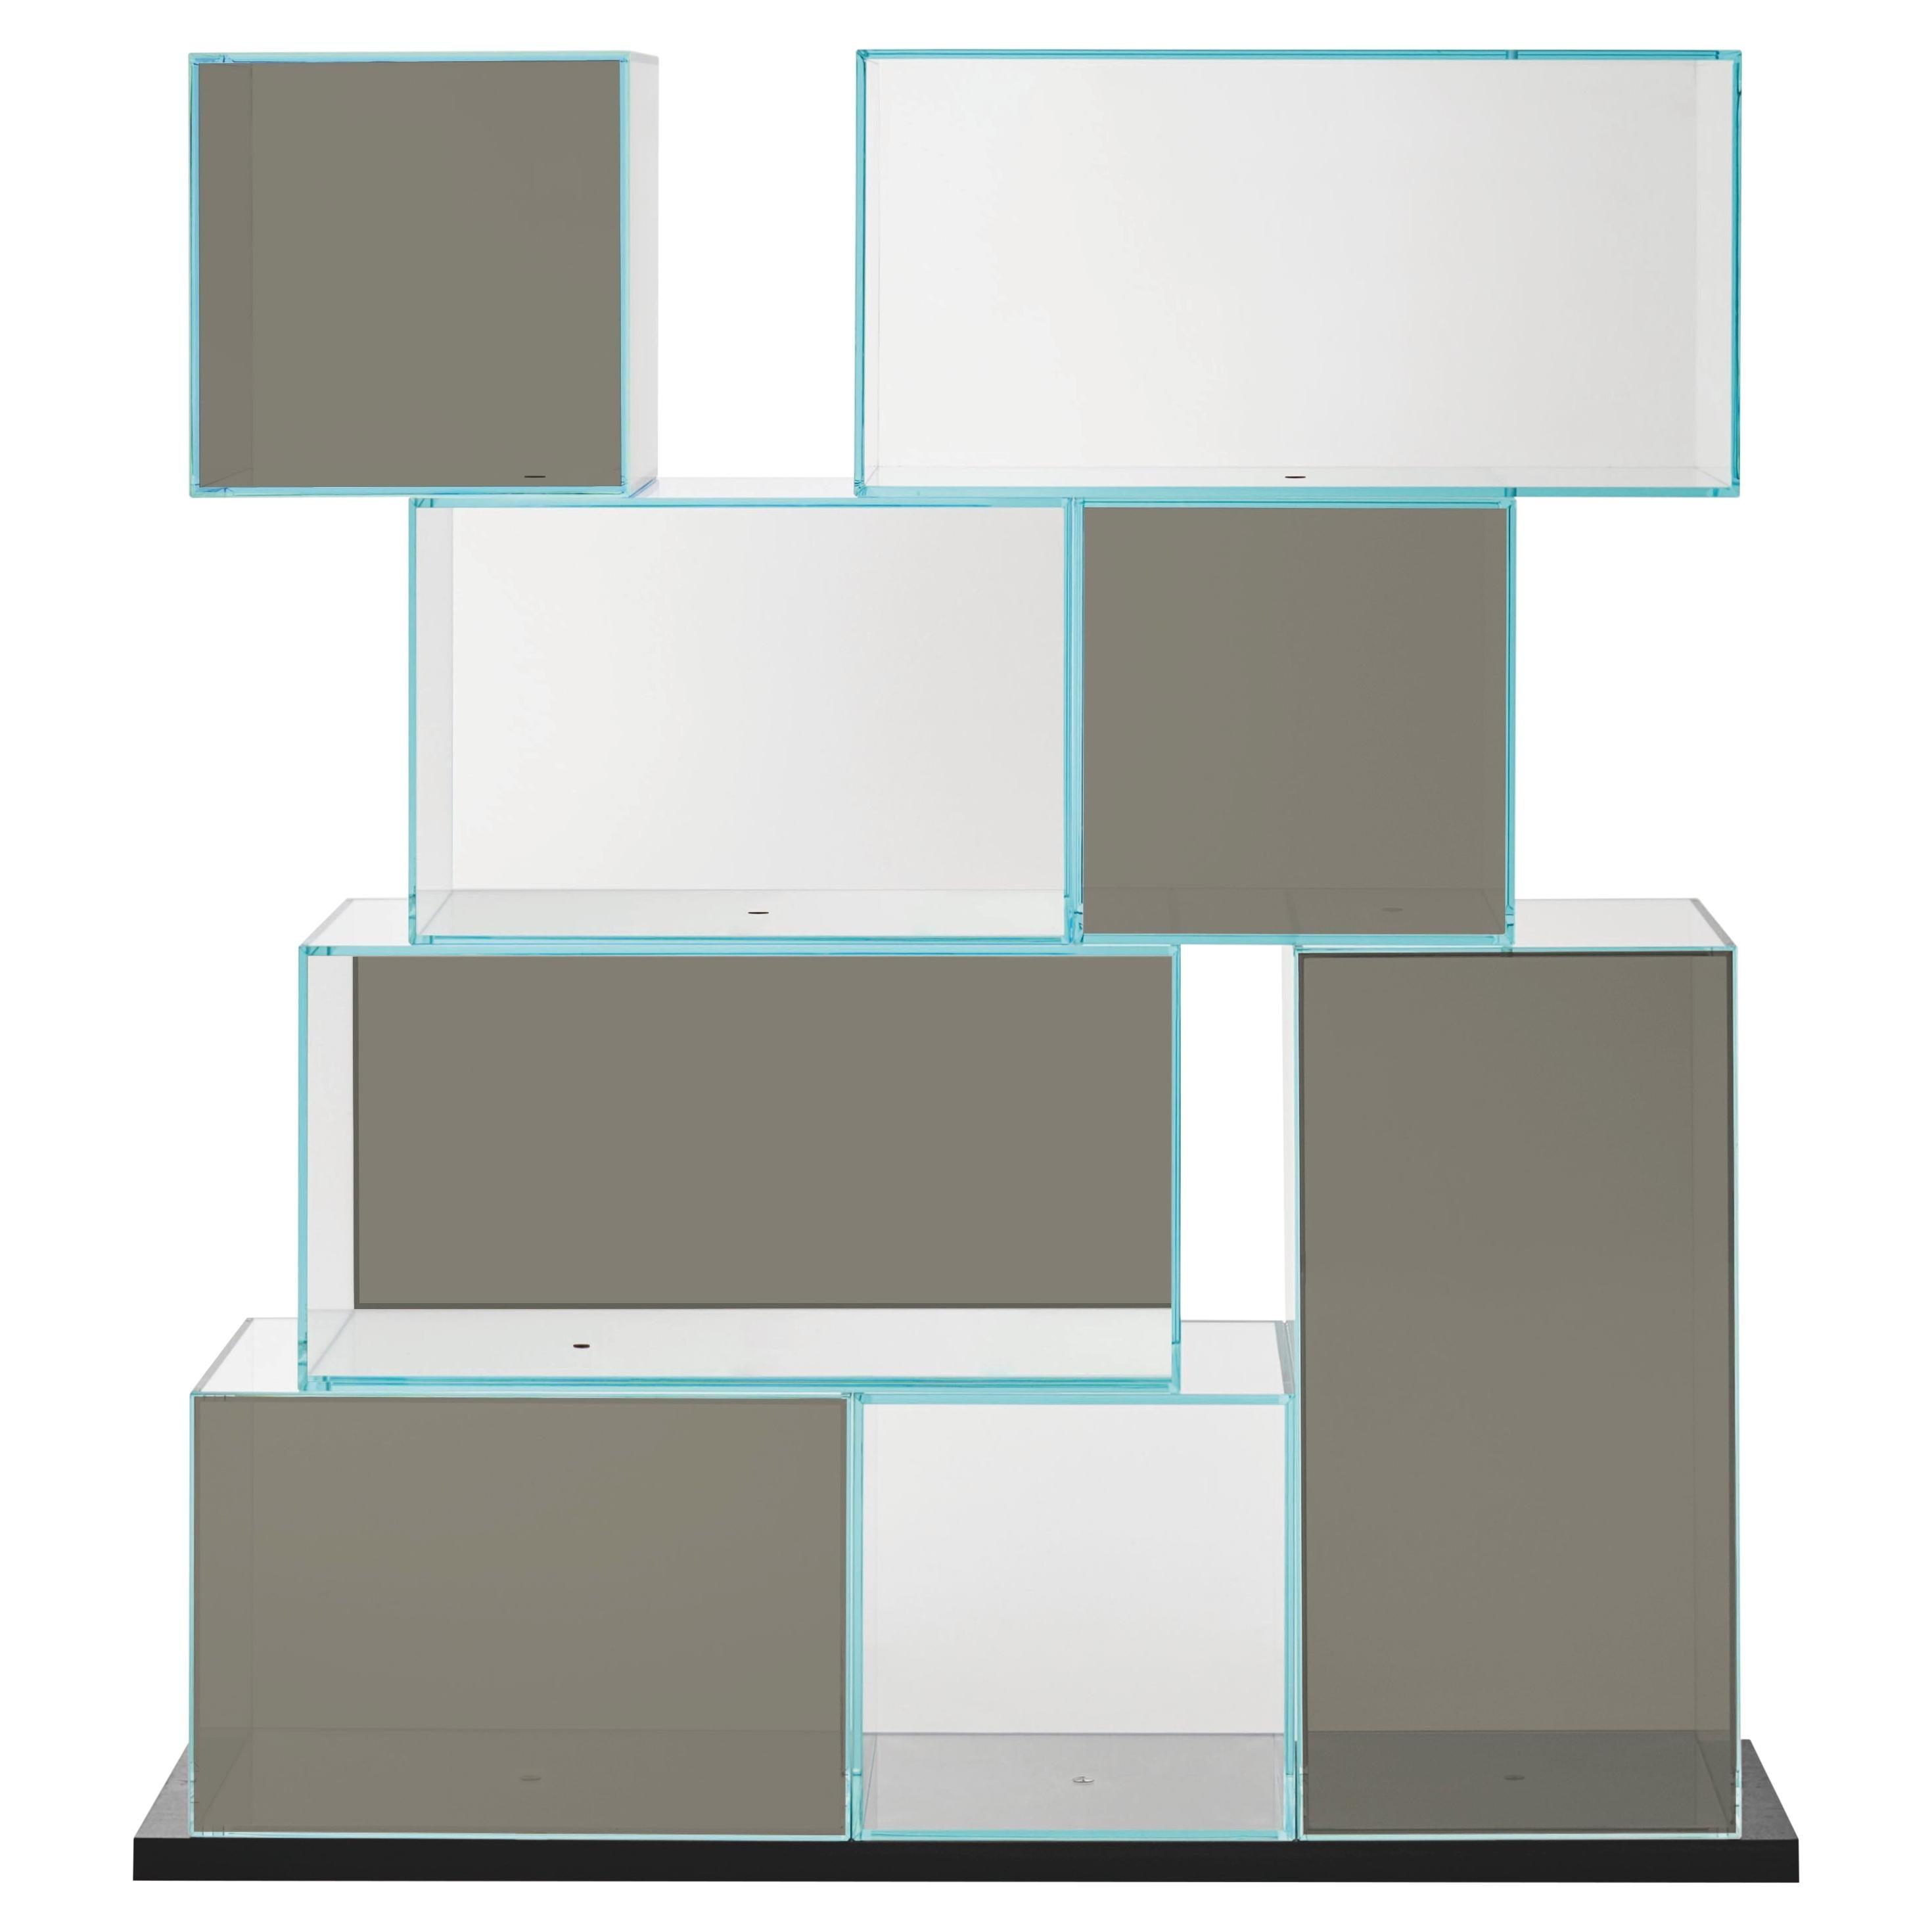 Quantum Medium Bookshelf, by Piero Lissoni for Glas Italia